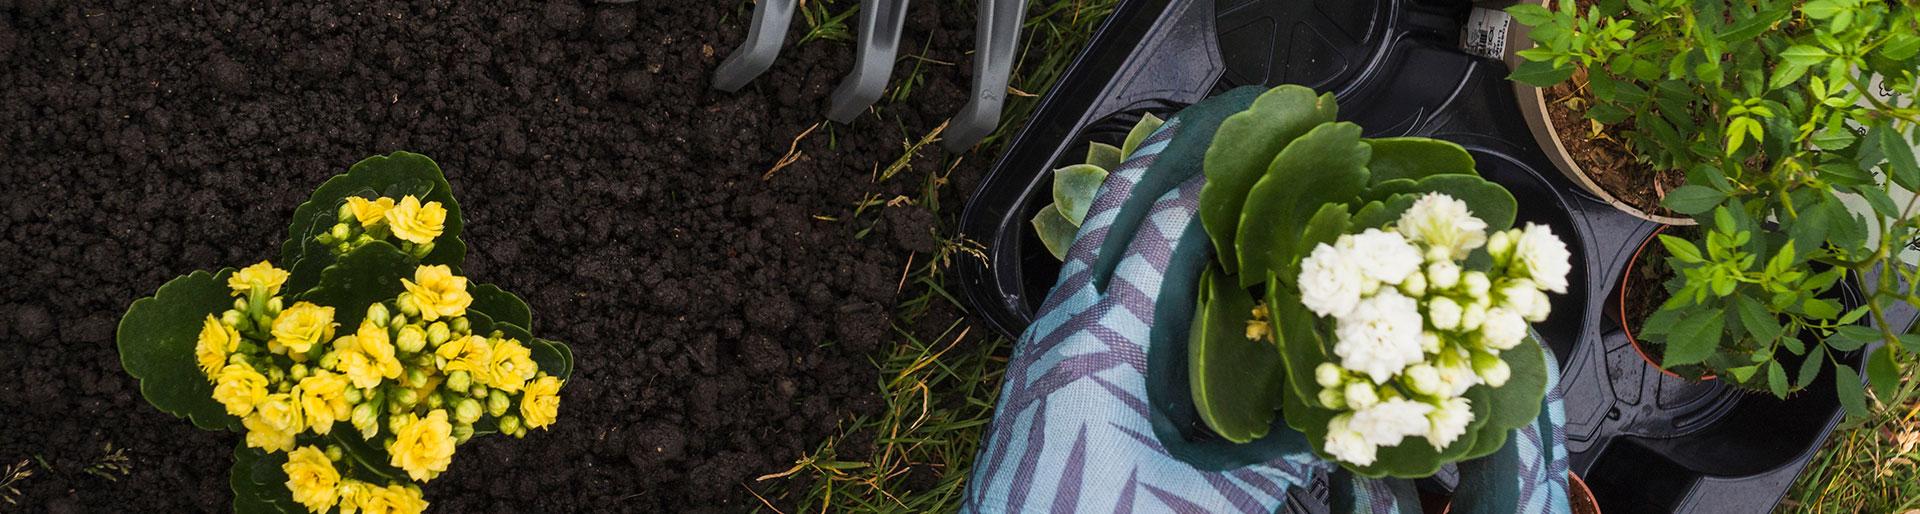 CAPa JP - Jardinier plantant des fleurs